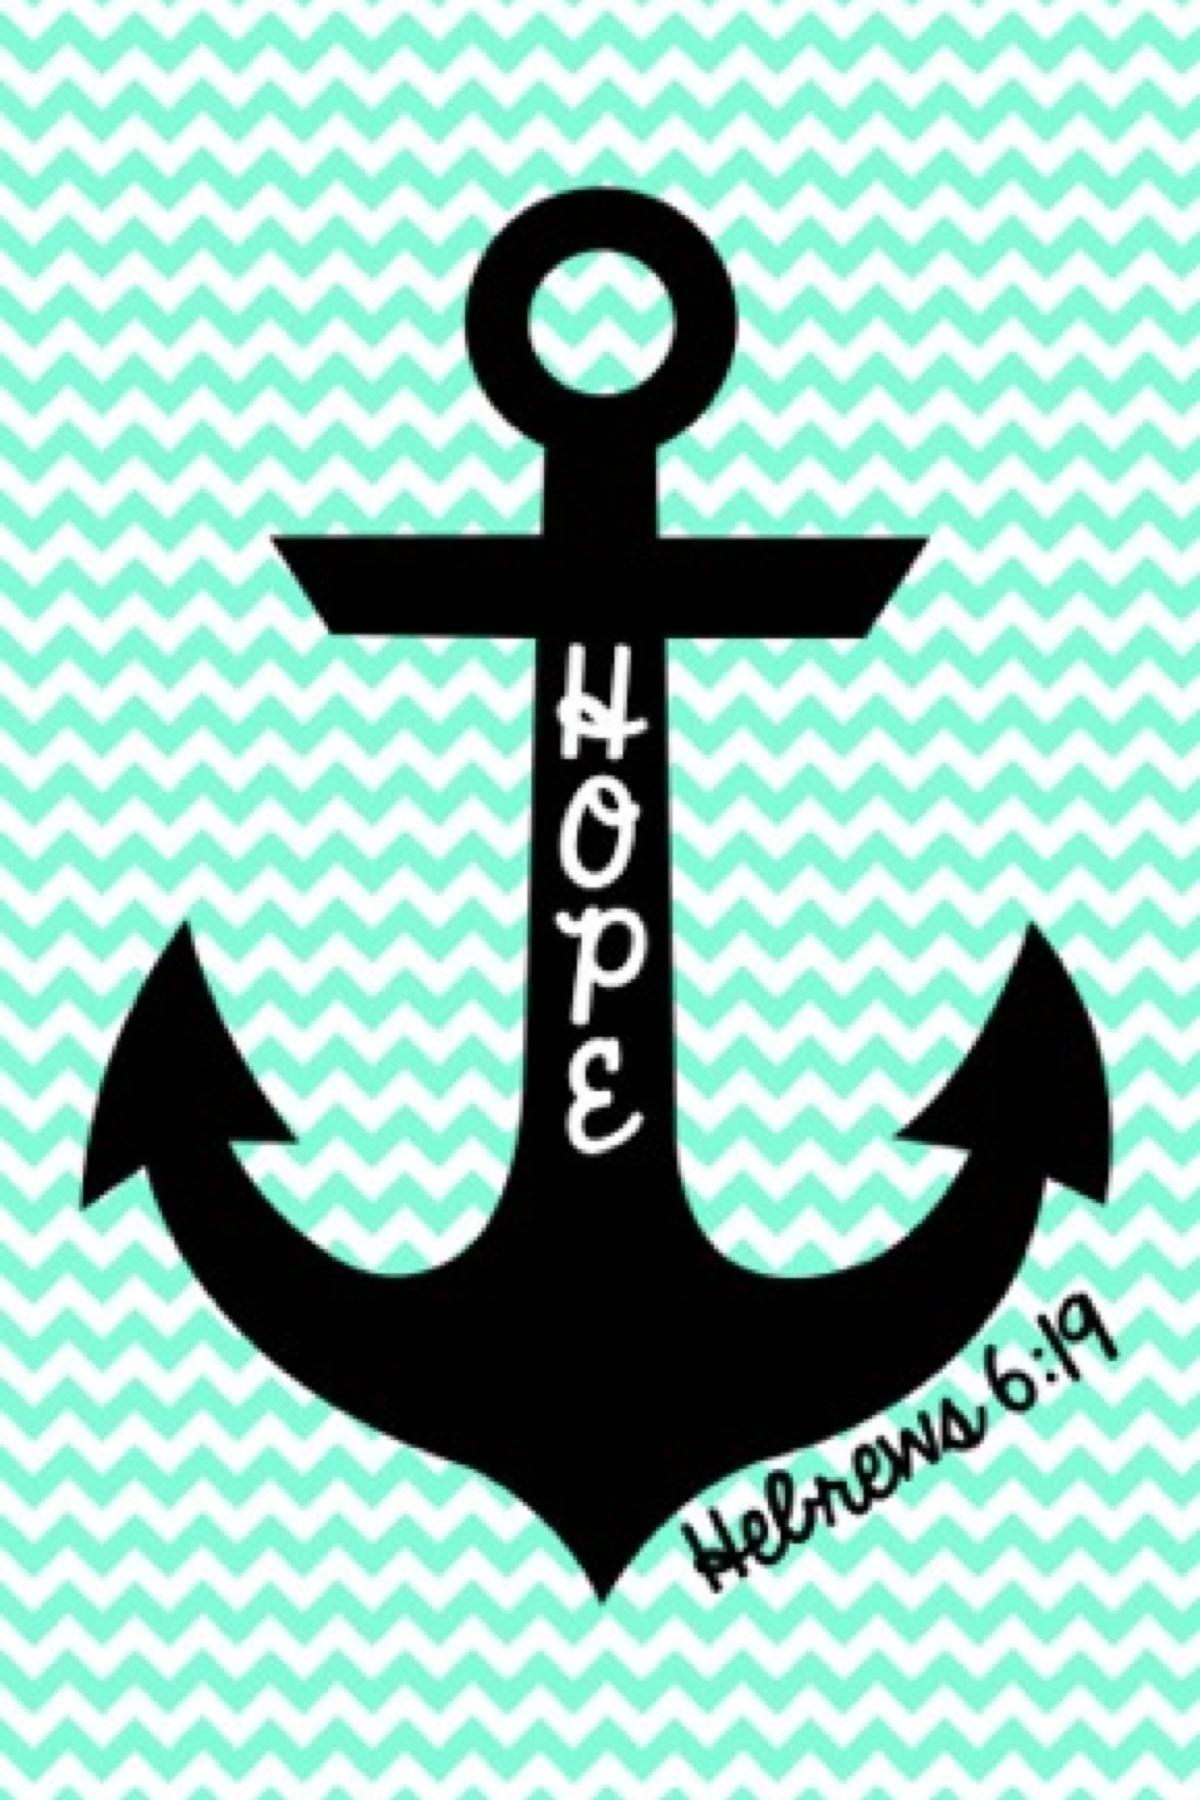 Cute anchor on chevron wallpaper 1200x1800